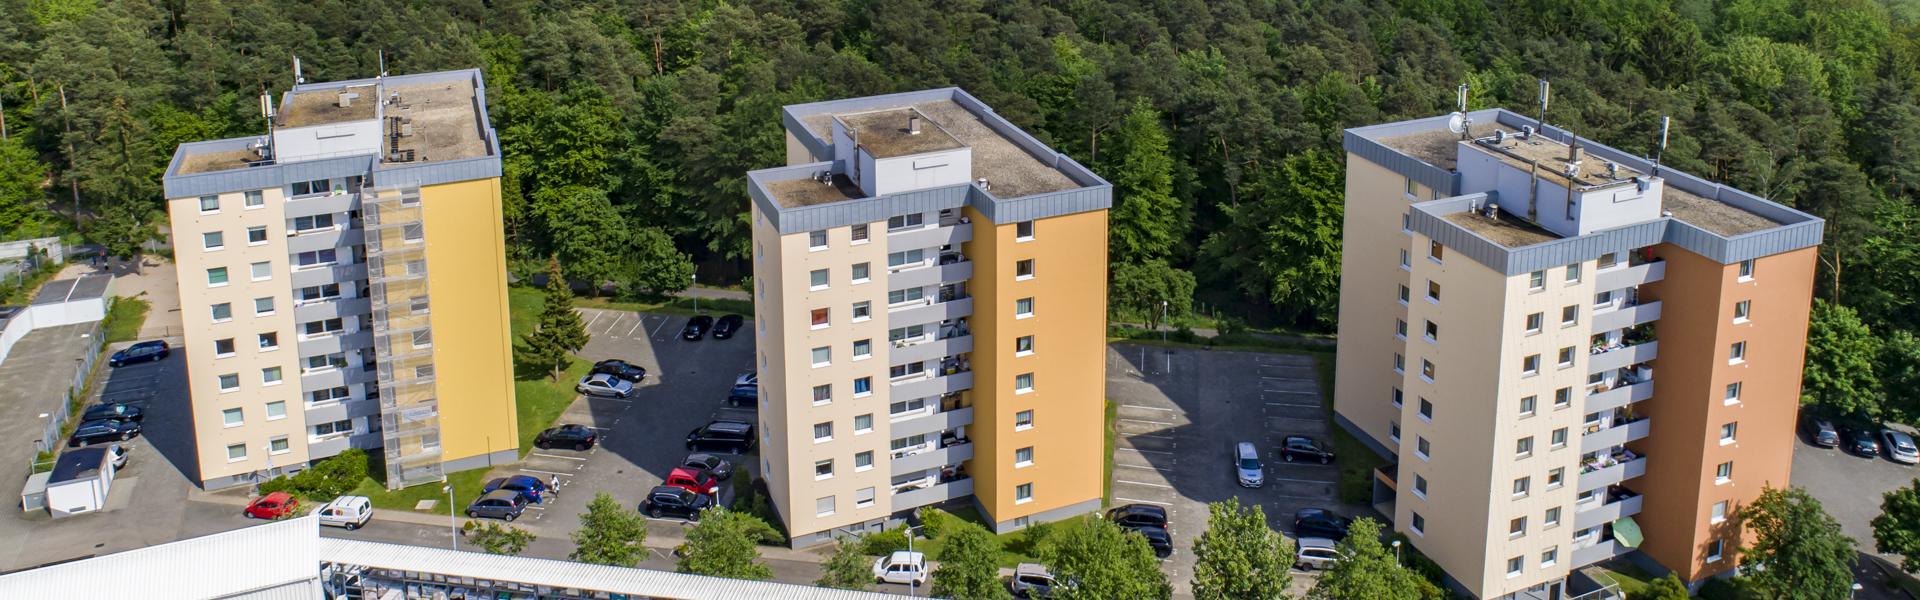 immobilienfotografie-drohnen-g3